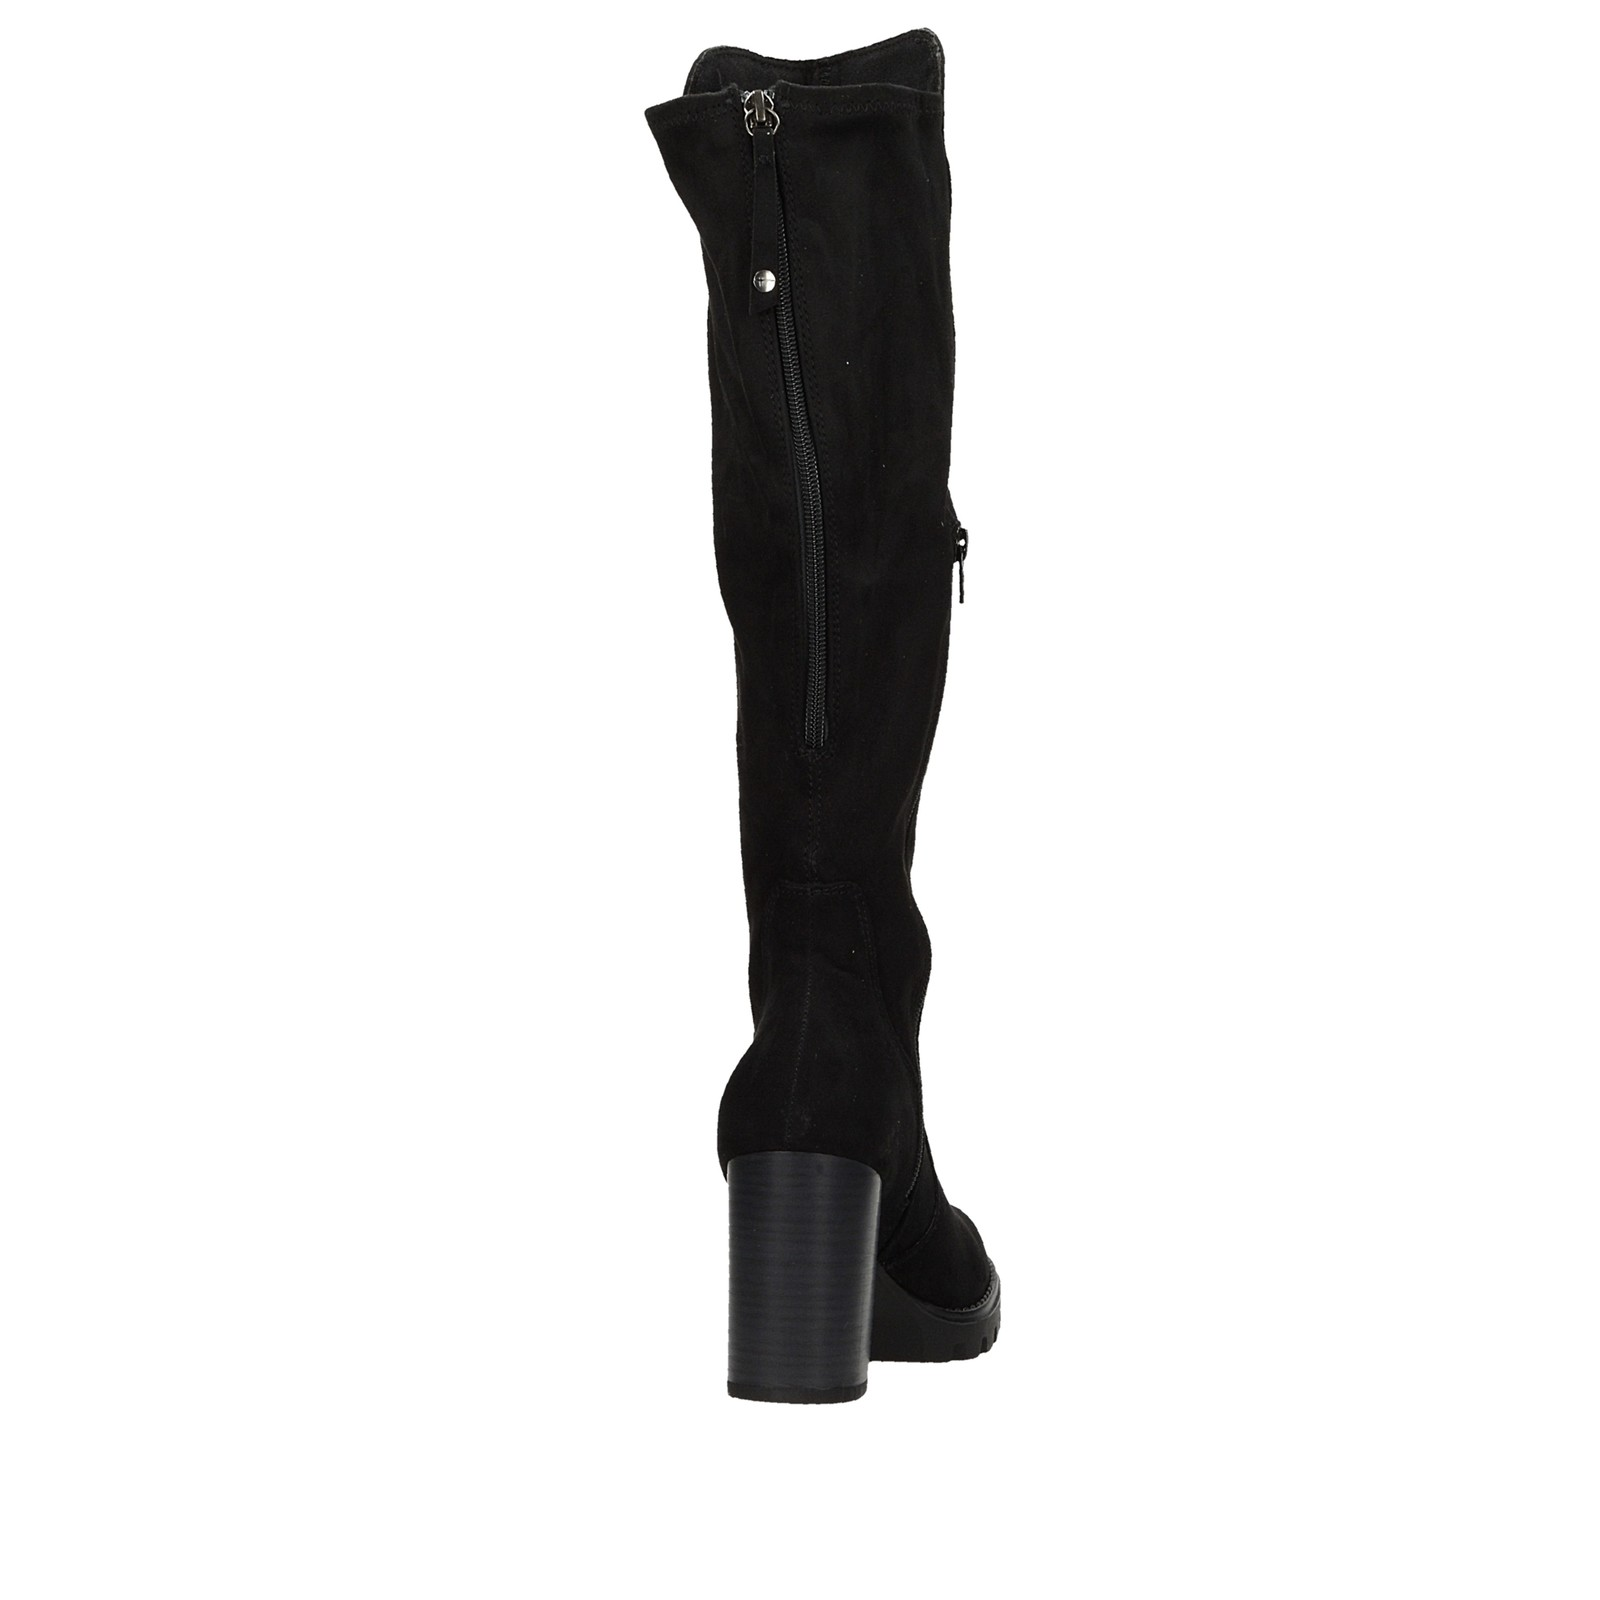 2925071f74 ... Tamaris dámske textilné vysoké čižmy - čierne ...